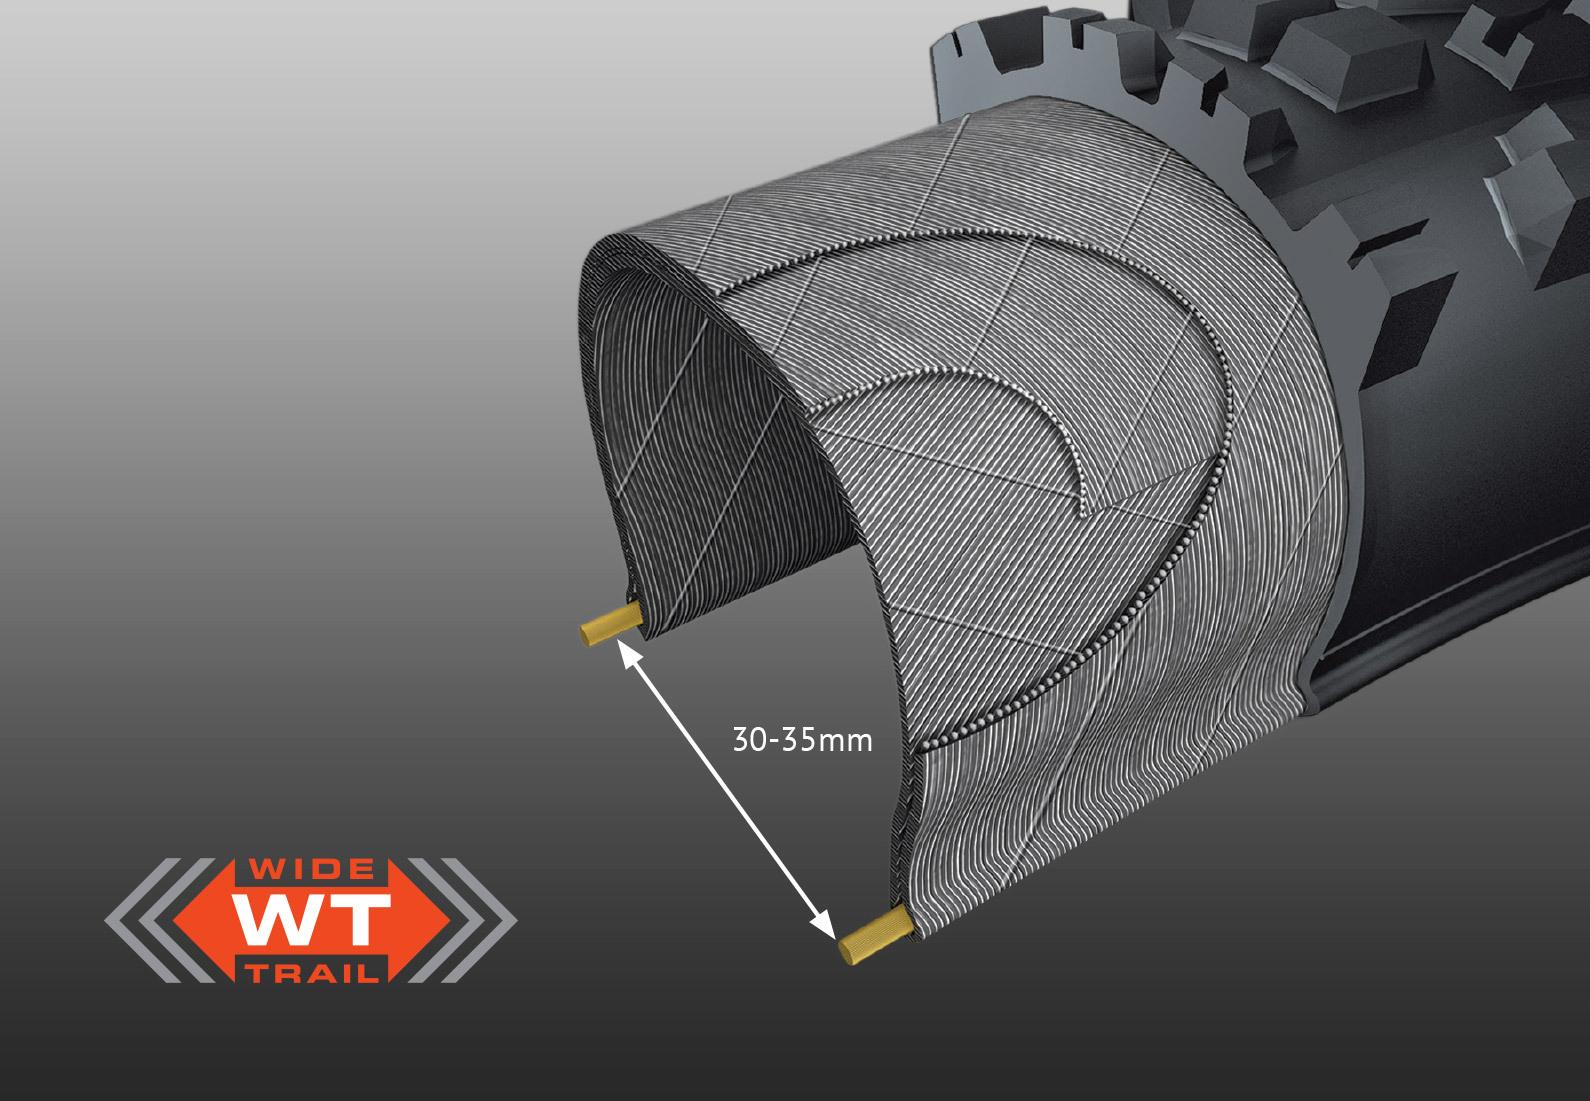 WIDE TRAIL (WT) CONSTRUCTION -optimalizuje rozložení a profil běhounu pneumatiky na moderních, širších ráfcích.Tradiční pneumatiky jsou navrženy kolem starších, užších ráfků a mohou vytvořit příliš čtvercový profil pneumatiky, což vede k méně než optimálnímu výkonu.Pneumatiky WT jsou optimalizovány pro vnitřní šířku ráfku 30-35mm.